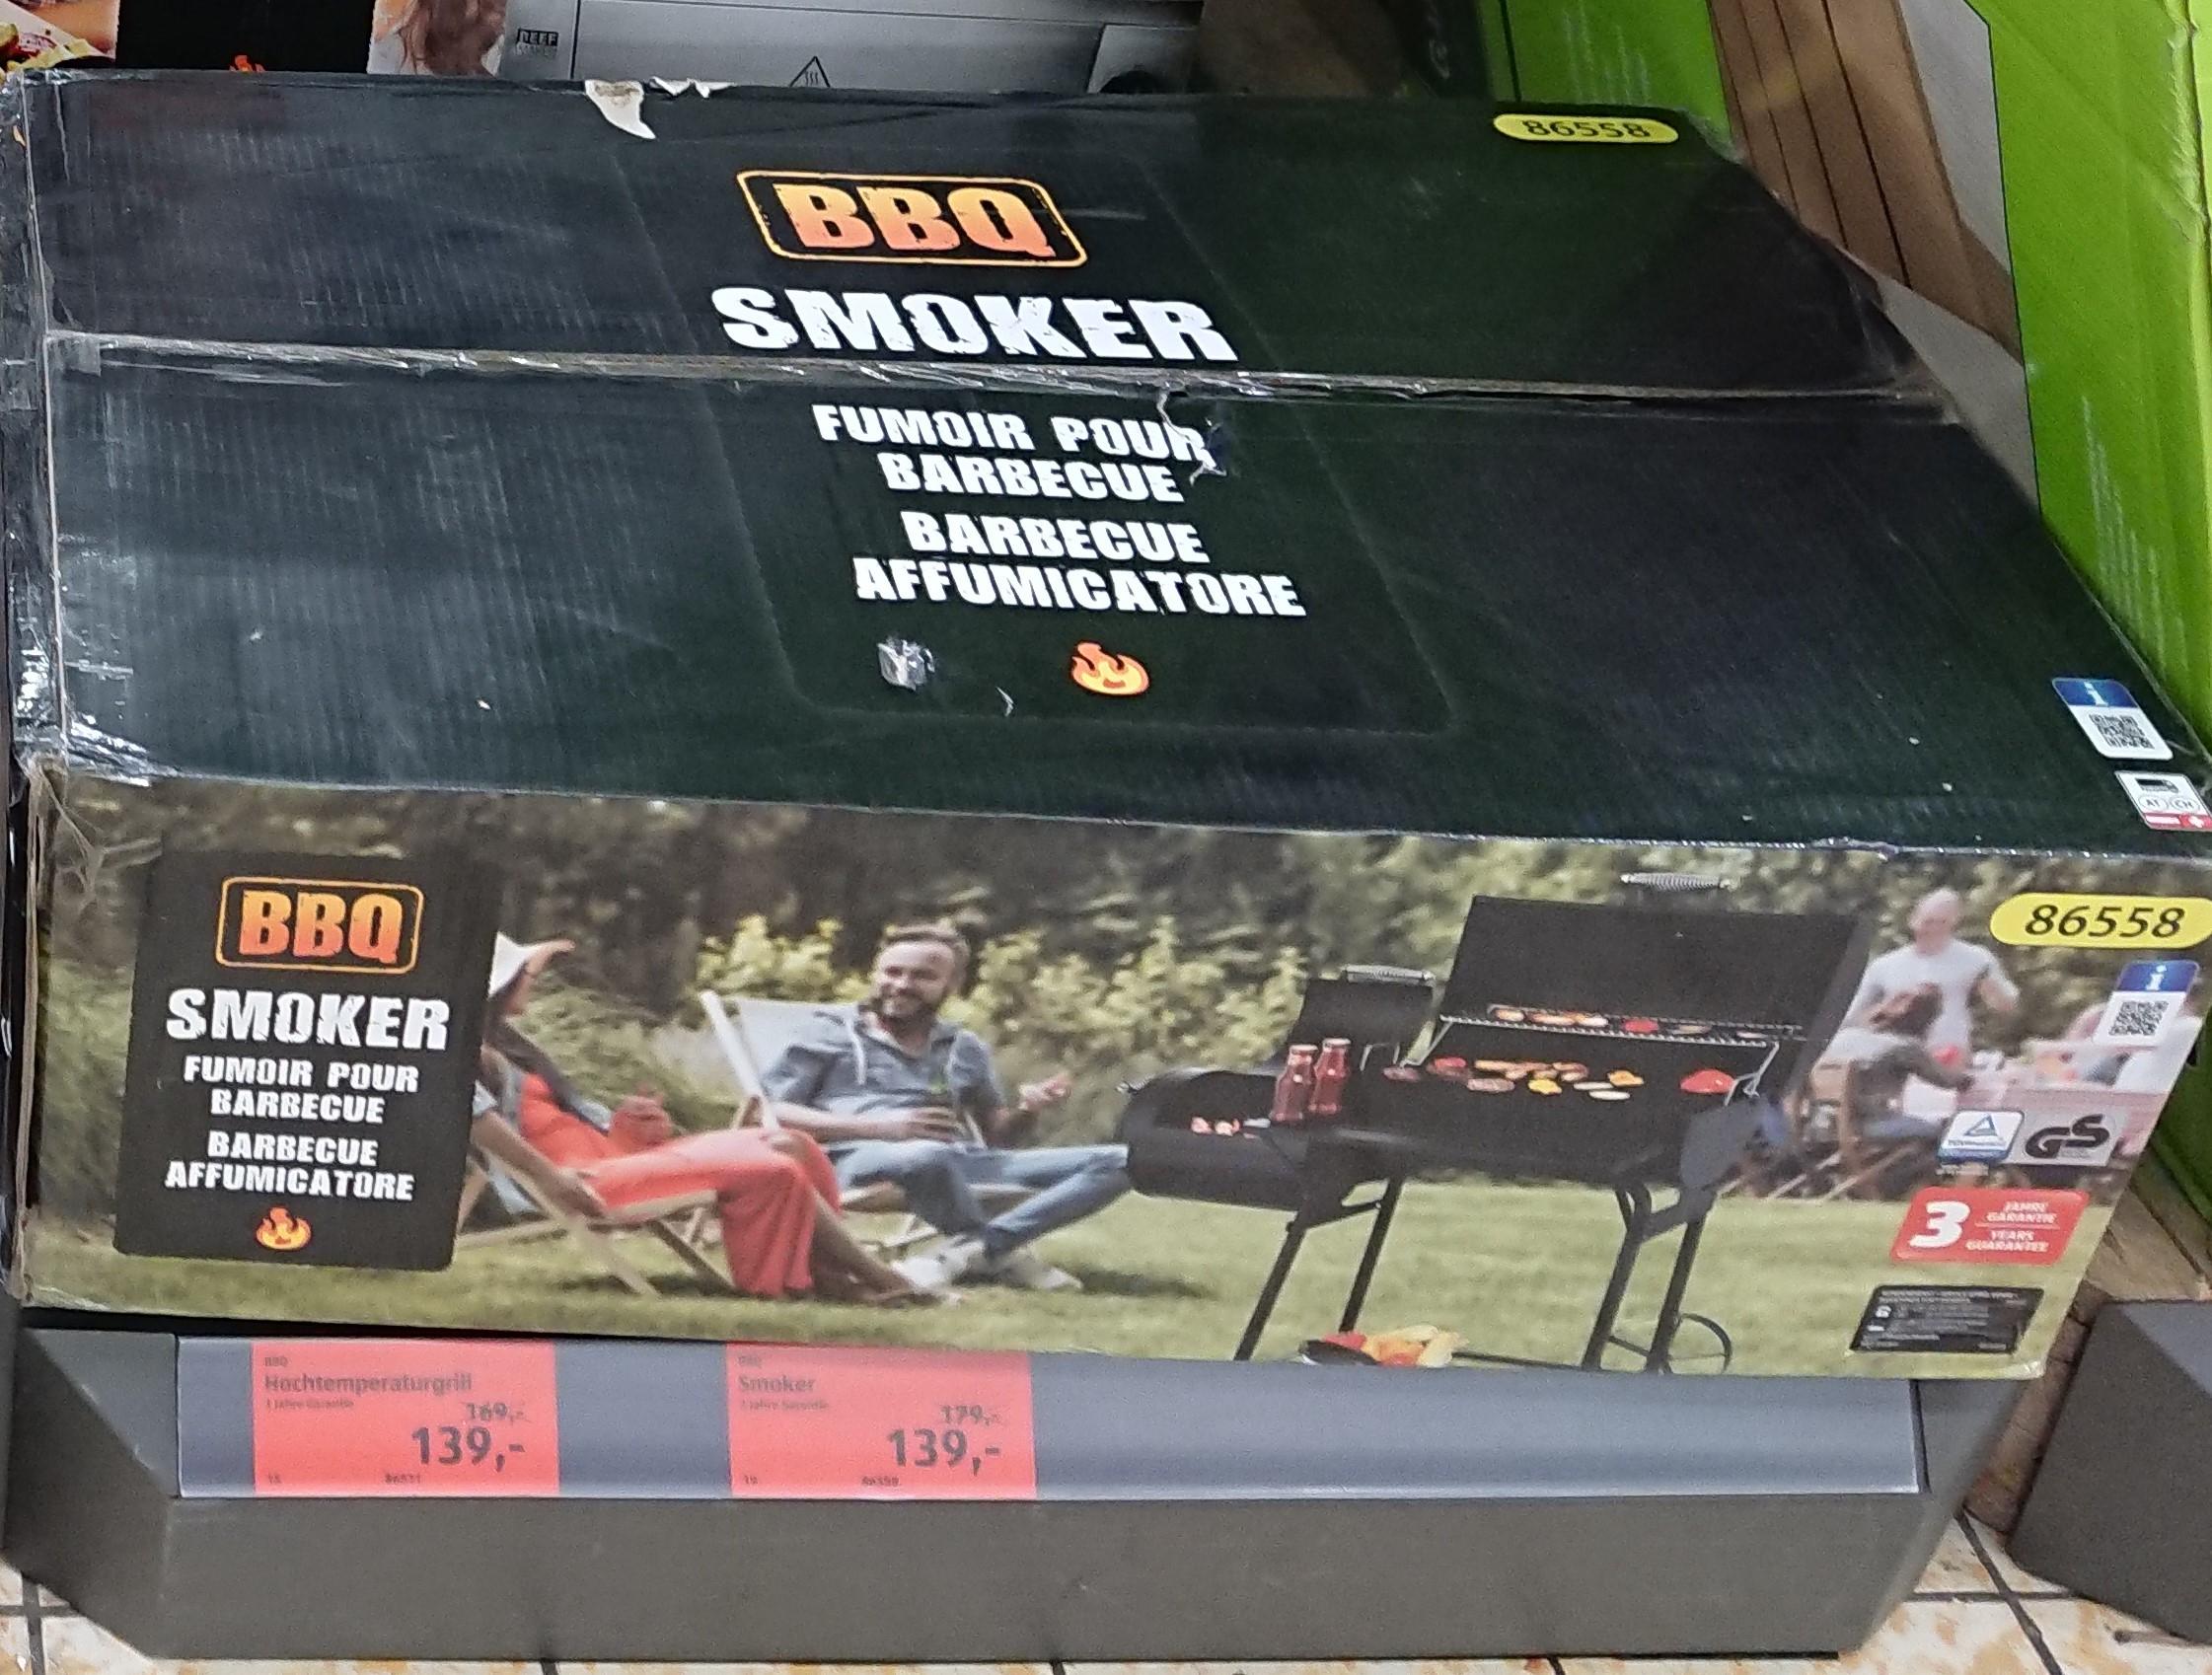 Smoker für Barbecue - BBQ bei Hofer im Sale (ggf. nur in ausgewählten Geschäften)